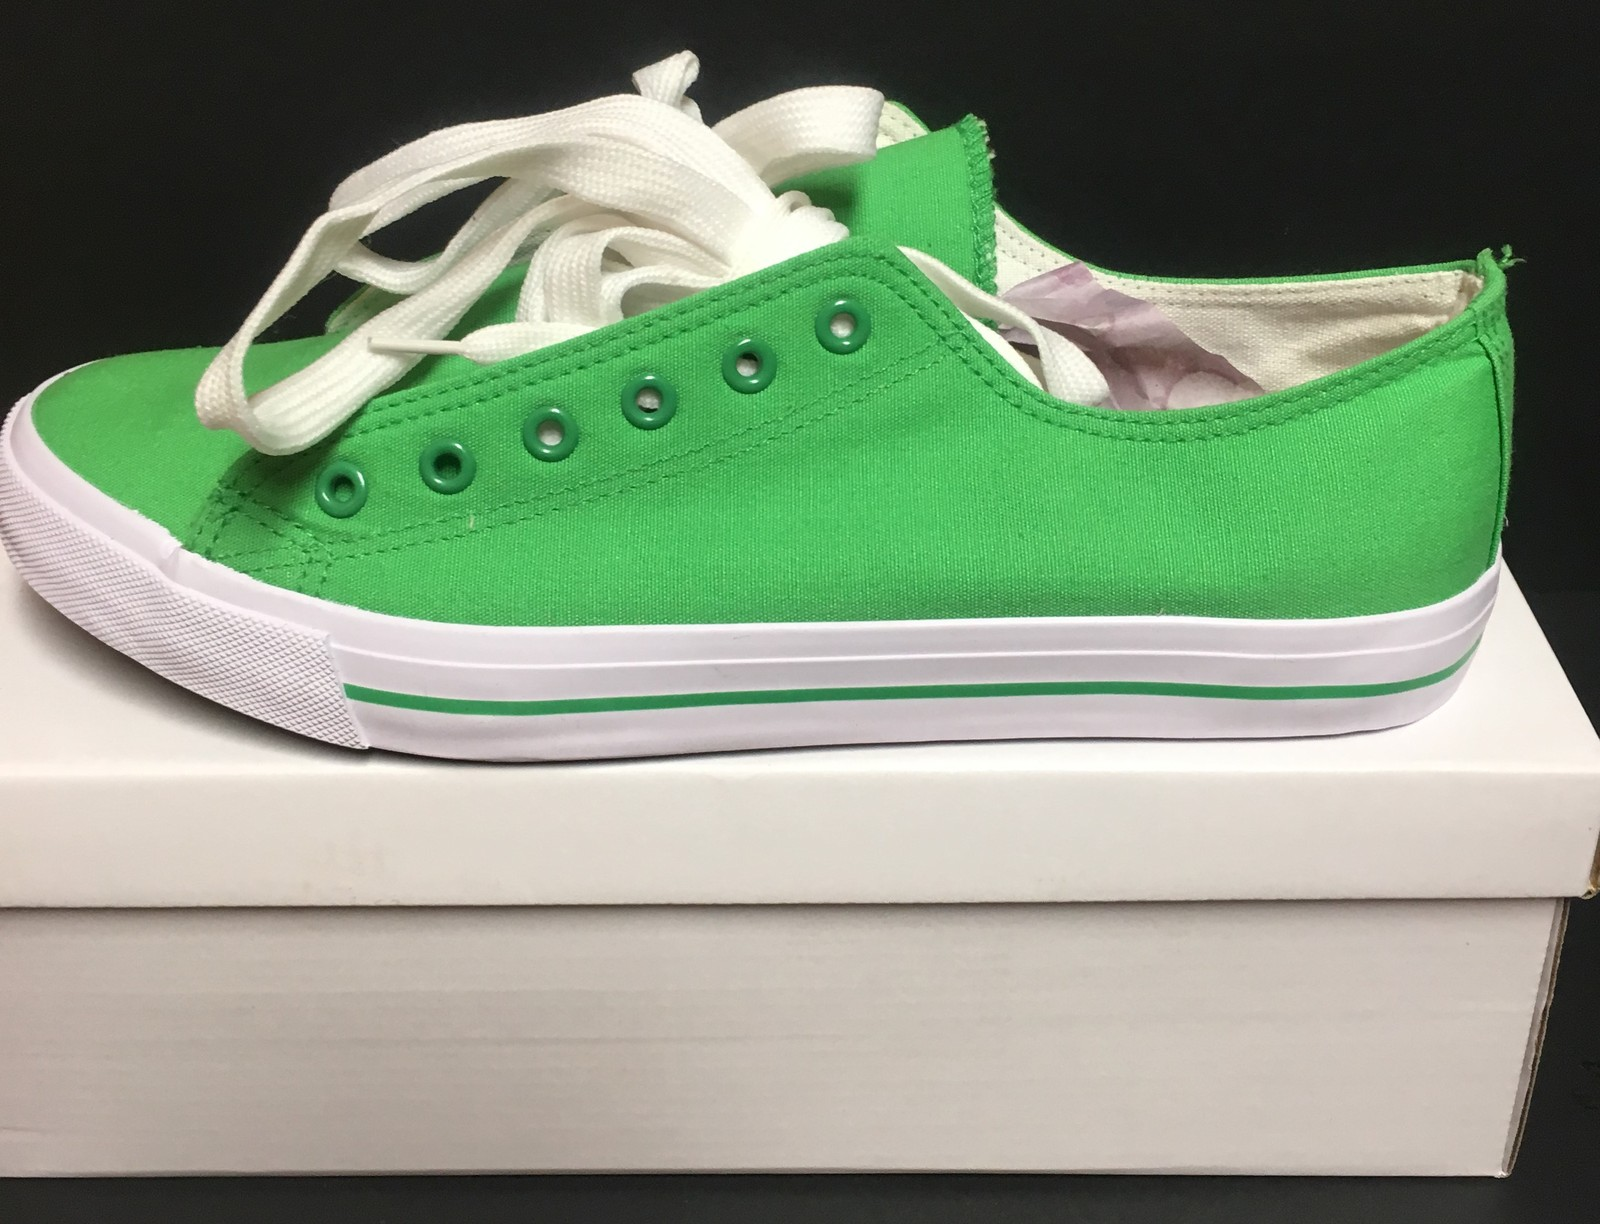 Custom School Kicks Canvas Tennis Shoes Unisex 10/11.5 Lime Green NIB image 4